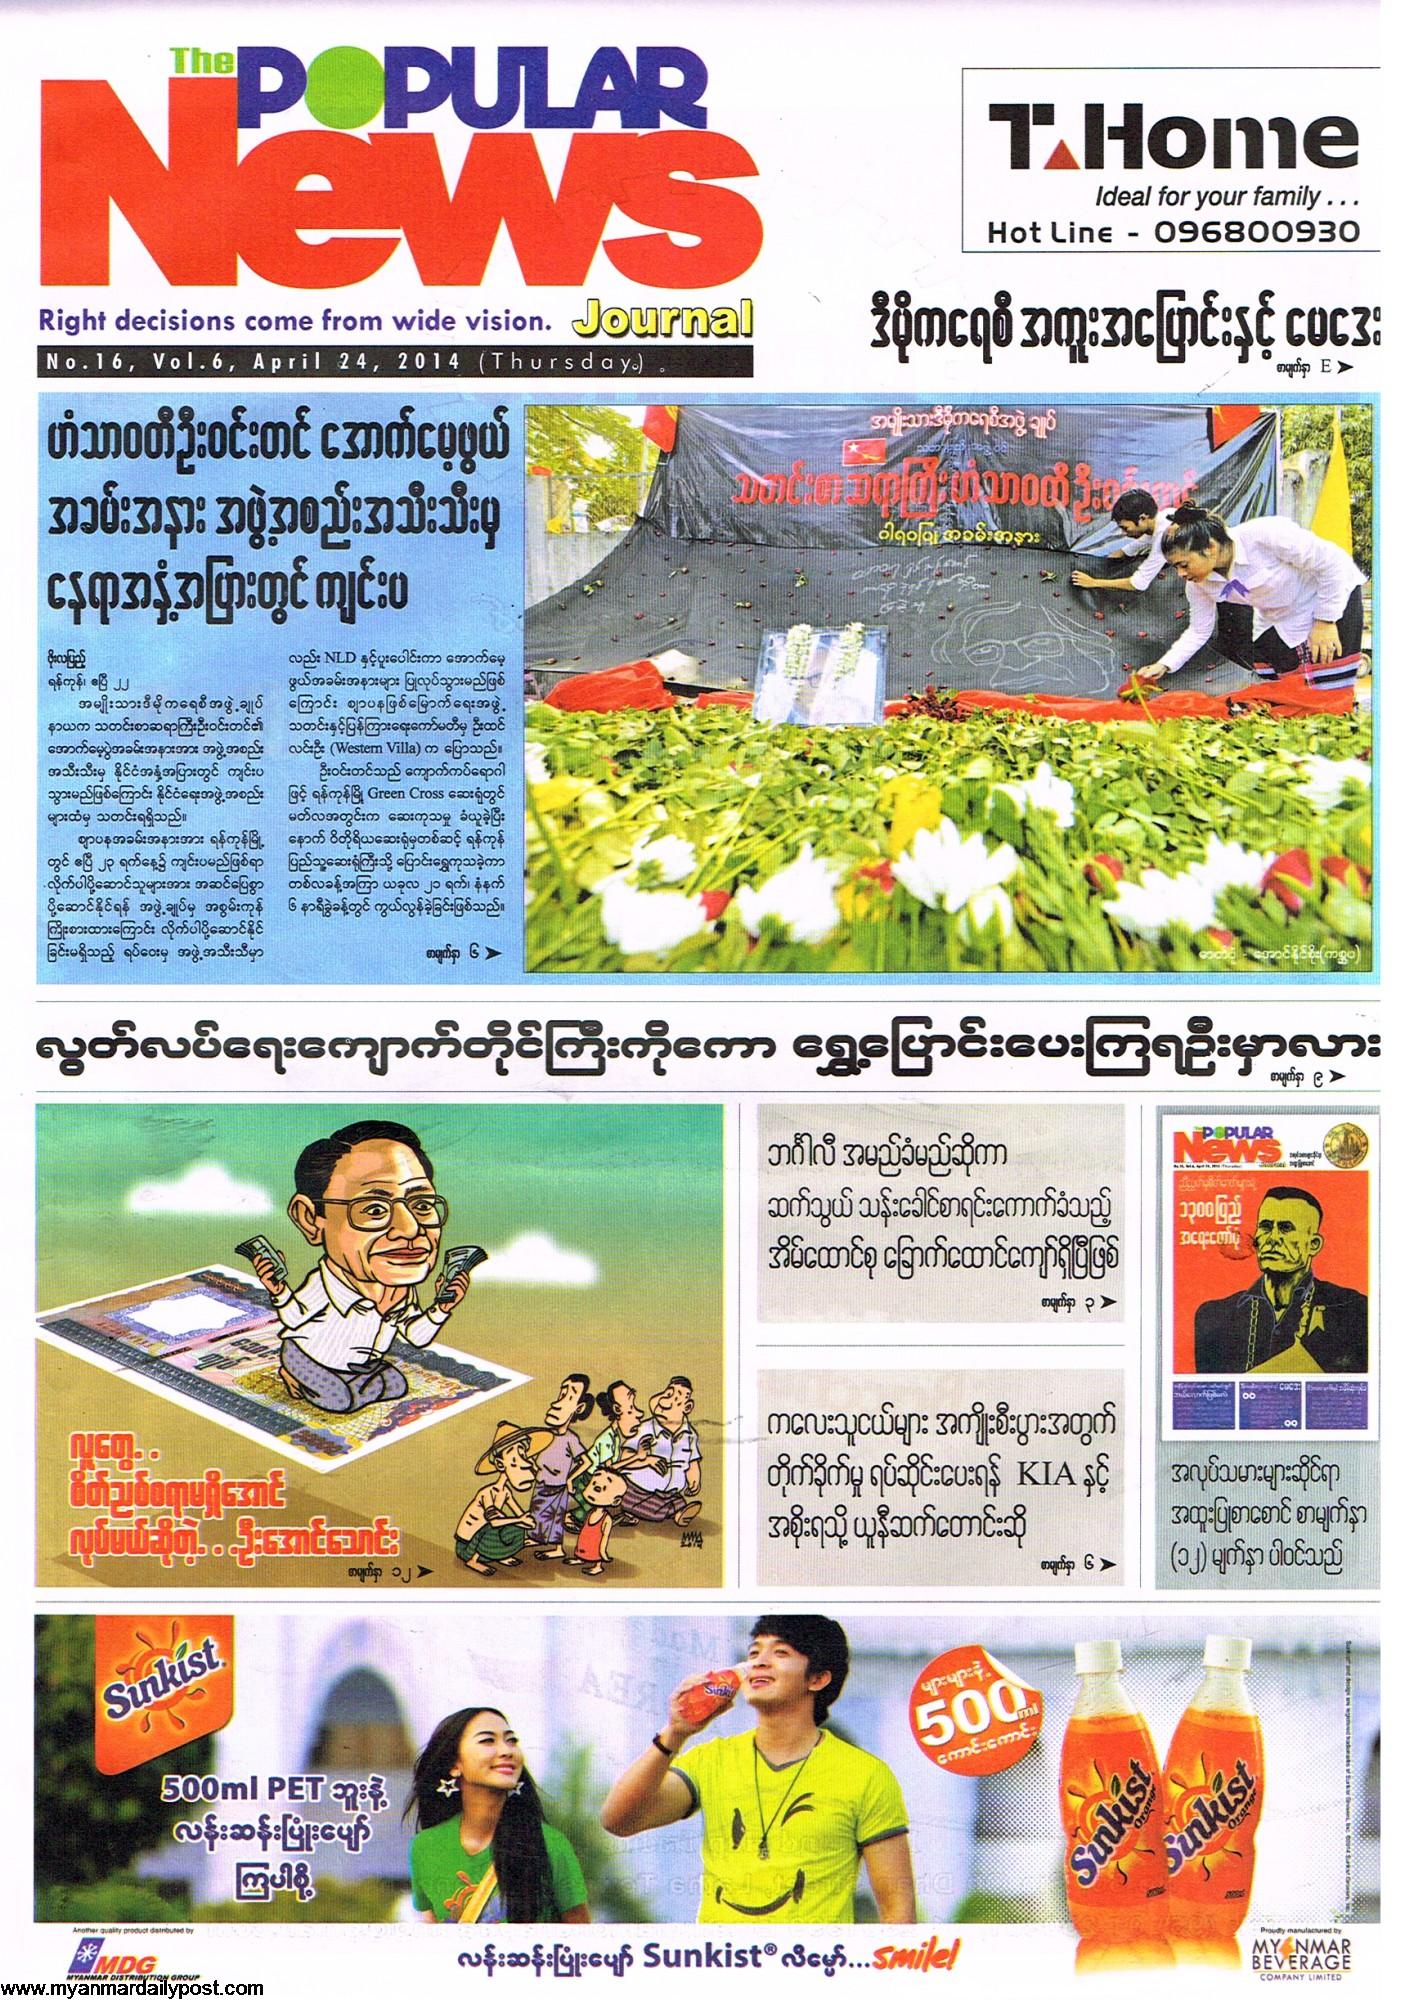 Free 4 Reader - Popular News Journal Journal